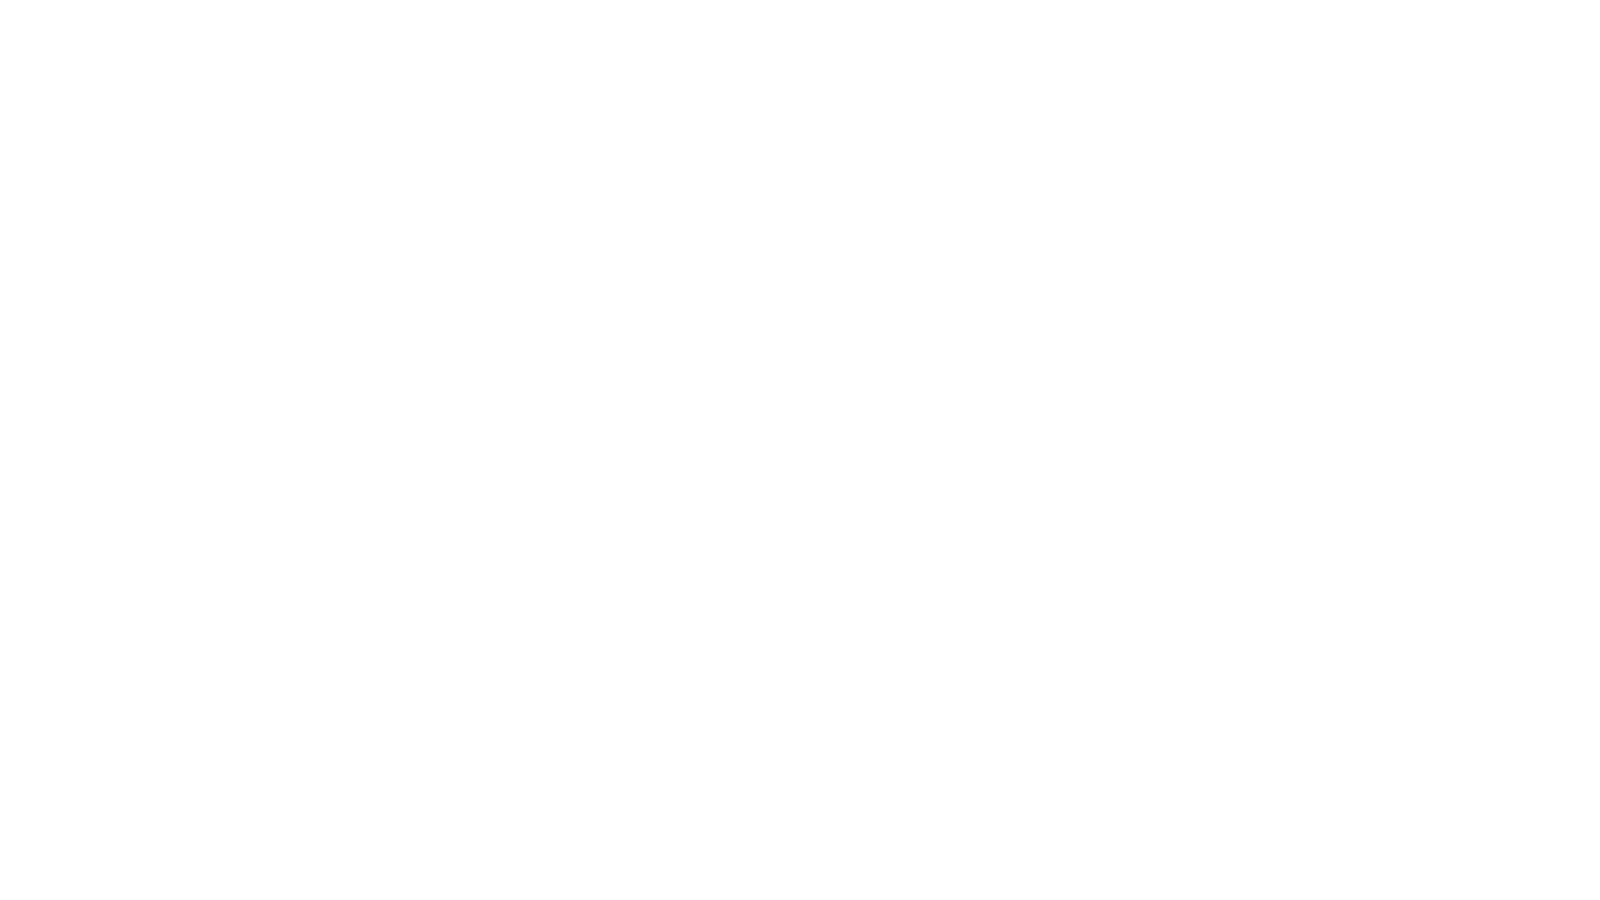 PRAMAK RACING Sic58 barni RACING TEAM это спортивные мотокоманды, которые выбрали для своих ракет ACCOSSATO! Выбор гонщиков победителей обусловлен непревзойденным качеством и надежностью тормозных систем Accossato Топовые технологии доступны по весьма привлекательным ценам, в сравнении с прямыми конкурентами от так же Итальянских Brembo Малый Вес, комплектующие, надежность, филигранное качество, все это Accossato Racing, которые совсем недавно отметили уже 50 летний юбилей! Без каких-либо компромиссов вы можете установить на свой мотоцикл элементы тормозной системы Accossato, поверьте, вы не разочаруетесь и будете приятно удивлены, как на самом деле должны работать тормоза! Так же в обойме ассортимента компании есть аксессуары и расходники для мотоциклов практически всех марок, как итальянских, так и японских! Цены вас приятно удивят! Все компоненты Accossato производятся исключительно в Италии, компания была рождена в далеком 1969 году и очень дорожит и гордится своей историей! Сегодня я расскажу вам о комплекте тормозных суппортов Accosato Racing, предназначенных для мотоциклов большой японской четверки, такие как Yamaha, Honda, Kawasaki, Suzuki. Это радиальный тормозной суппорт представляет собой кованный моноблок с алюминиевыми поршнями, есть различные цвета исполнения, на данном экземпляре из нашего наличия порошковое покрытие черного цвета с белым логотипом. В комплекте идут раздельные тормозные колодки, которые идут на каждый поршень отдельно. 860 грамм вес данного суппорта, что на 240 грамм легче компонента от Brembo, при улучшенных показателях! Так же хочу вам показать комплект на мотоцикл ducati monster Он состоит из руля с грузиками черного цвета, и грипс так же в черном исполнении, руль диаметром 22мм. Грипсы с алюминиевыми вставками , очень удобные под хват и не скользящие, за счет резиновых рельефных накладок. Данный комплект можно установить на штатные крепления Ducati Monster без каких-либо доработок! Хочу представить Вашему вниманию машинку тормоза 